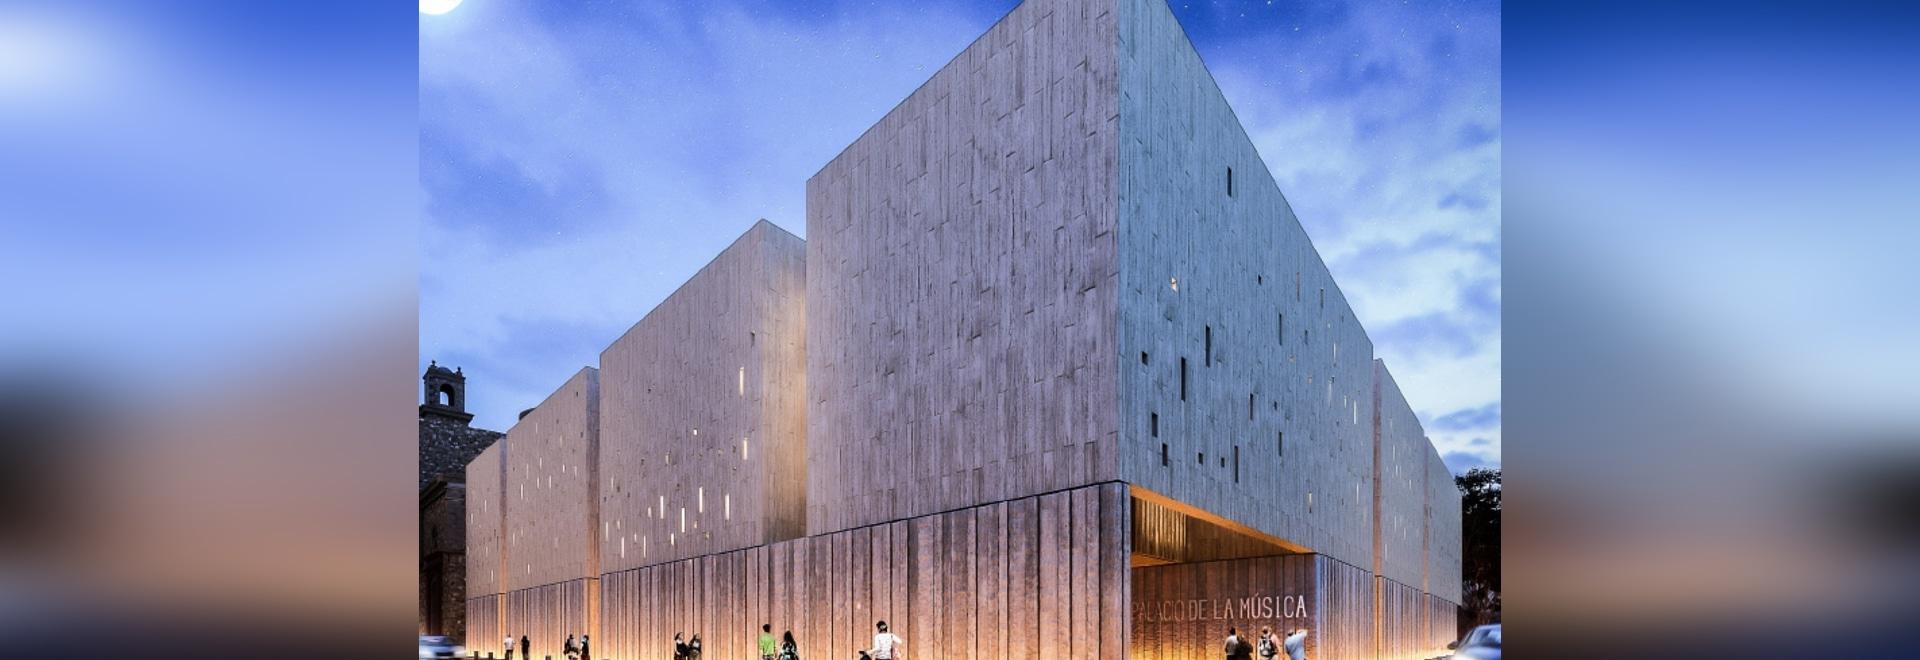 Ventilated facades of Sistema Masa for the Auditorium of Mérida, Mexico